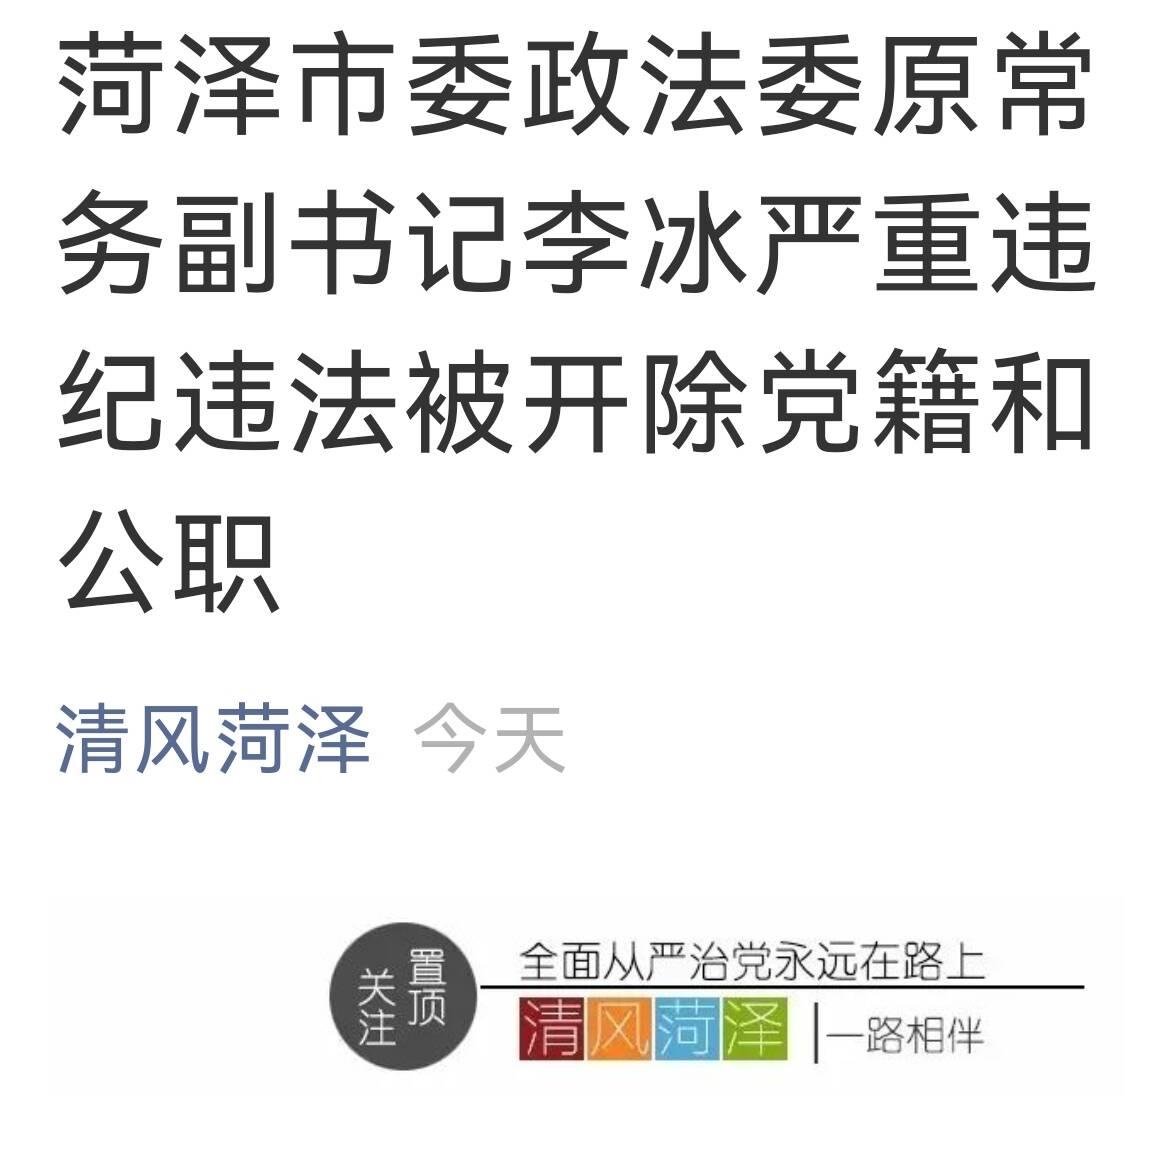 菏泽市委政法委原常务副书记李冰严重违纪违法被开除党籍和公职